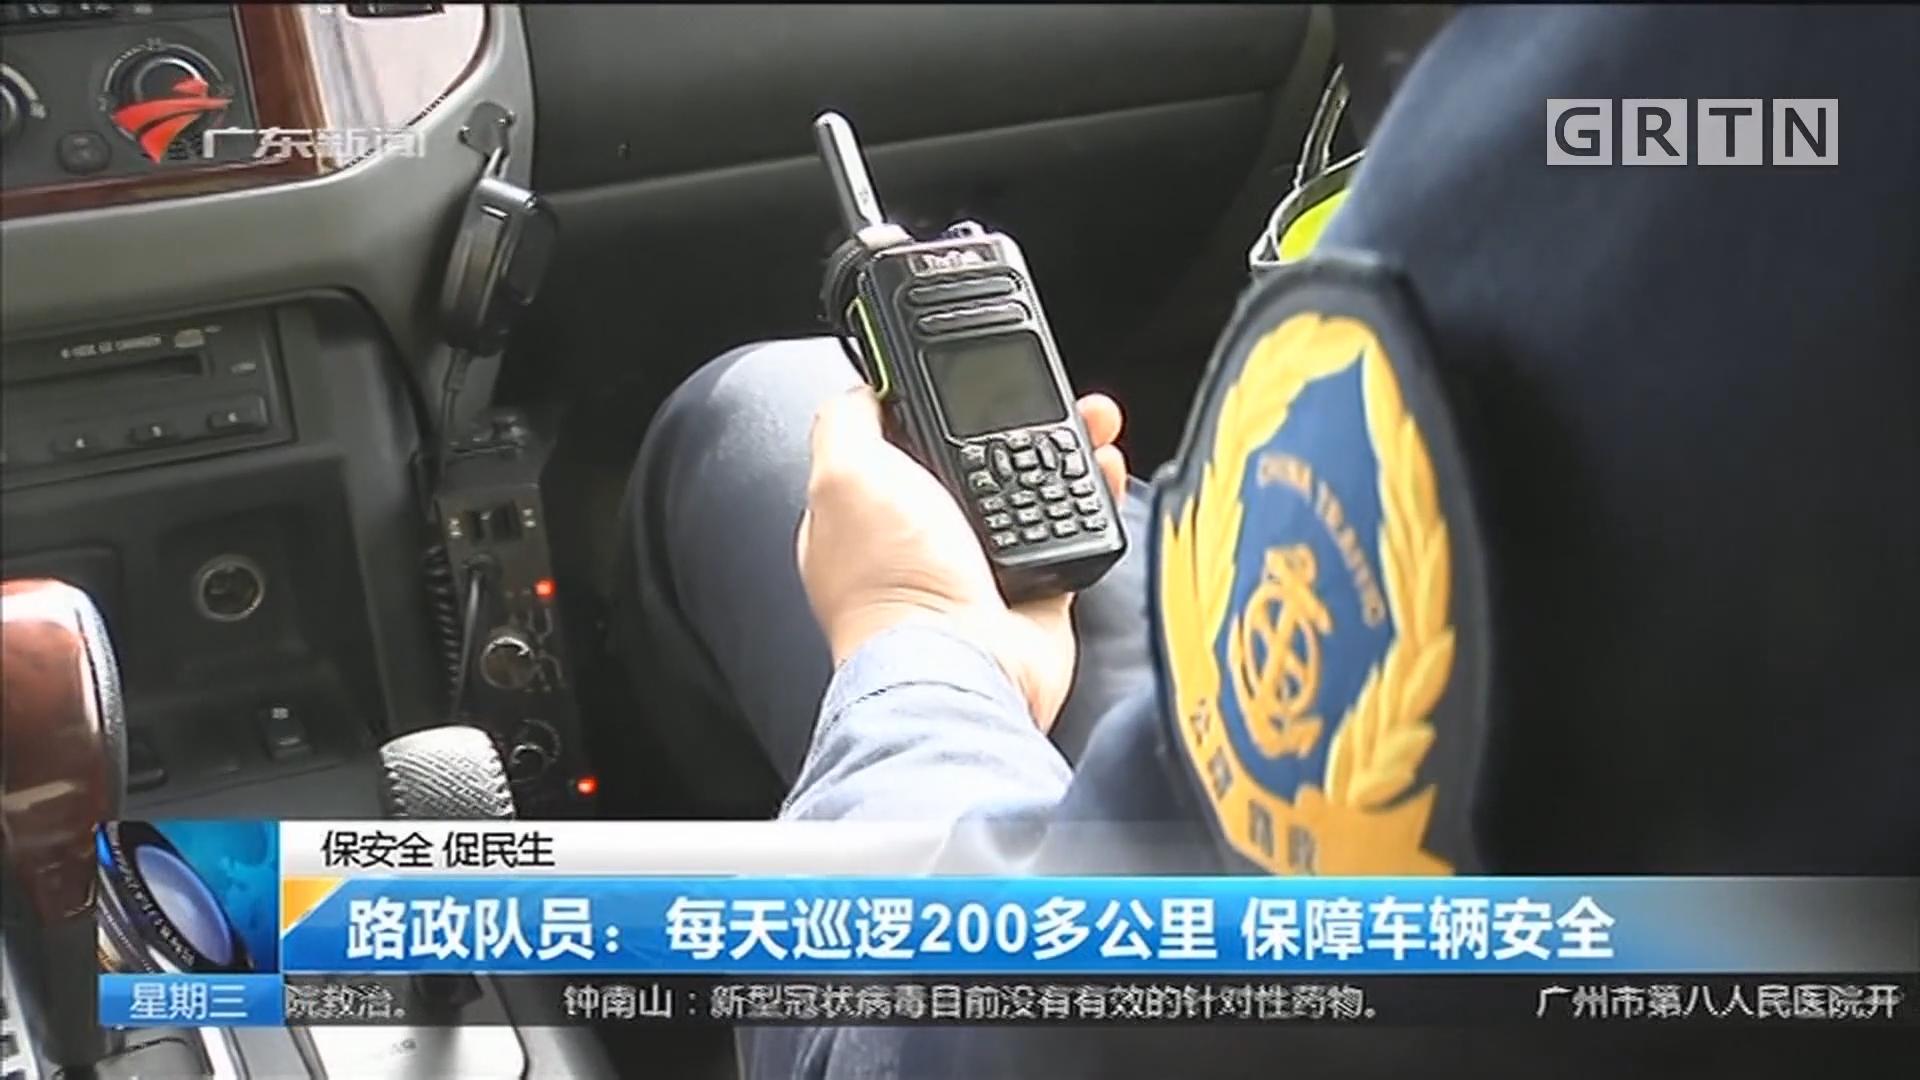 保安全 促民生 路政队员:每天巡逻200多公里 保障车辆安全